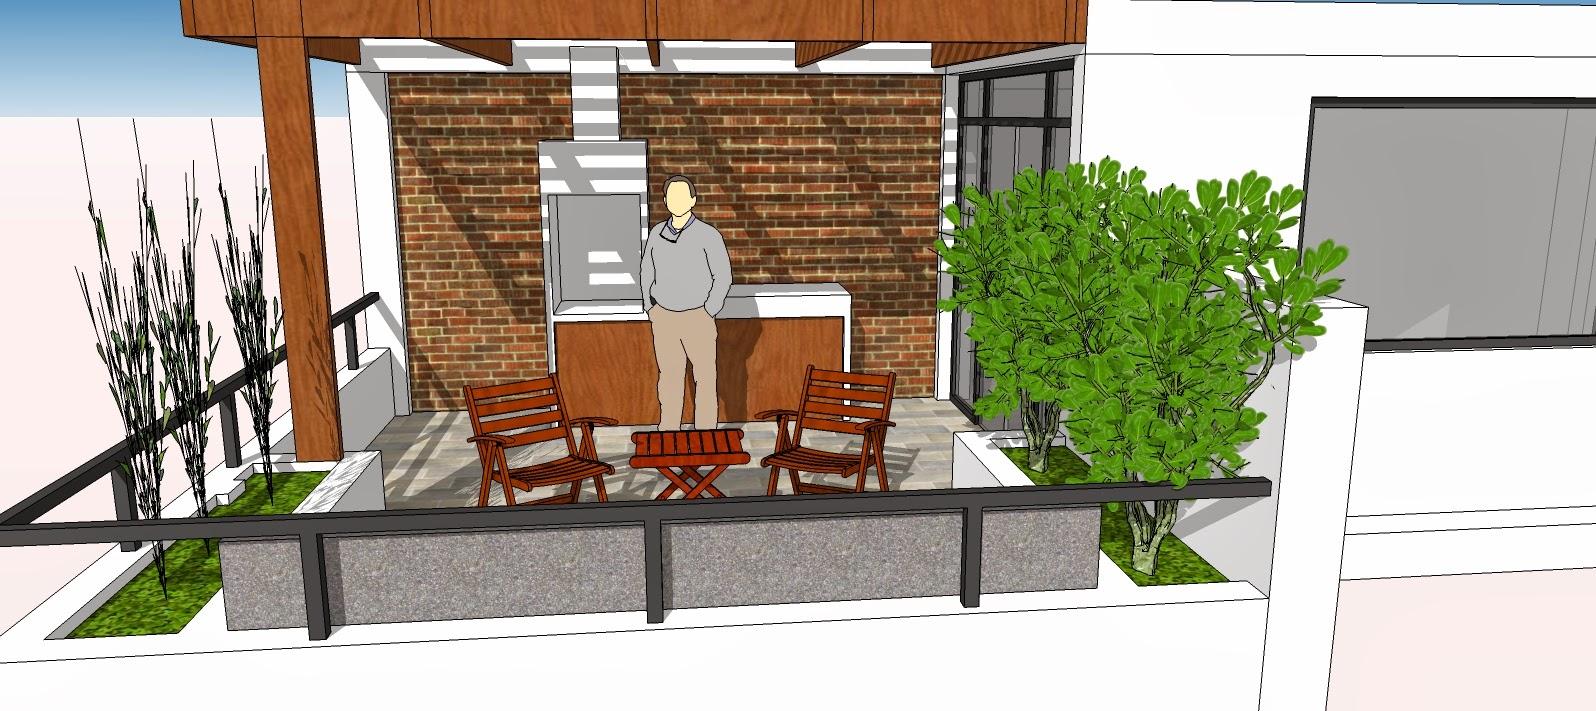 Cristian campos dise o previo dise o de terraza para for Disenos de terrazas para casas